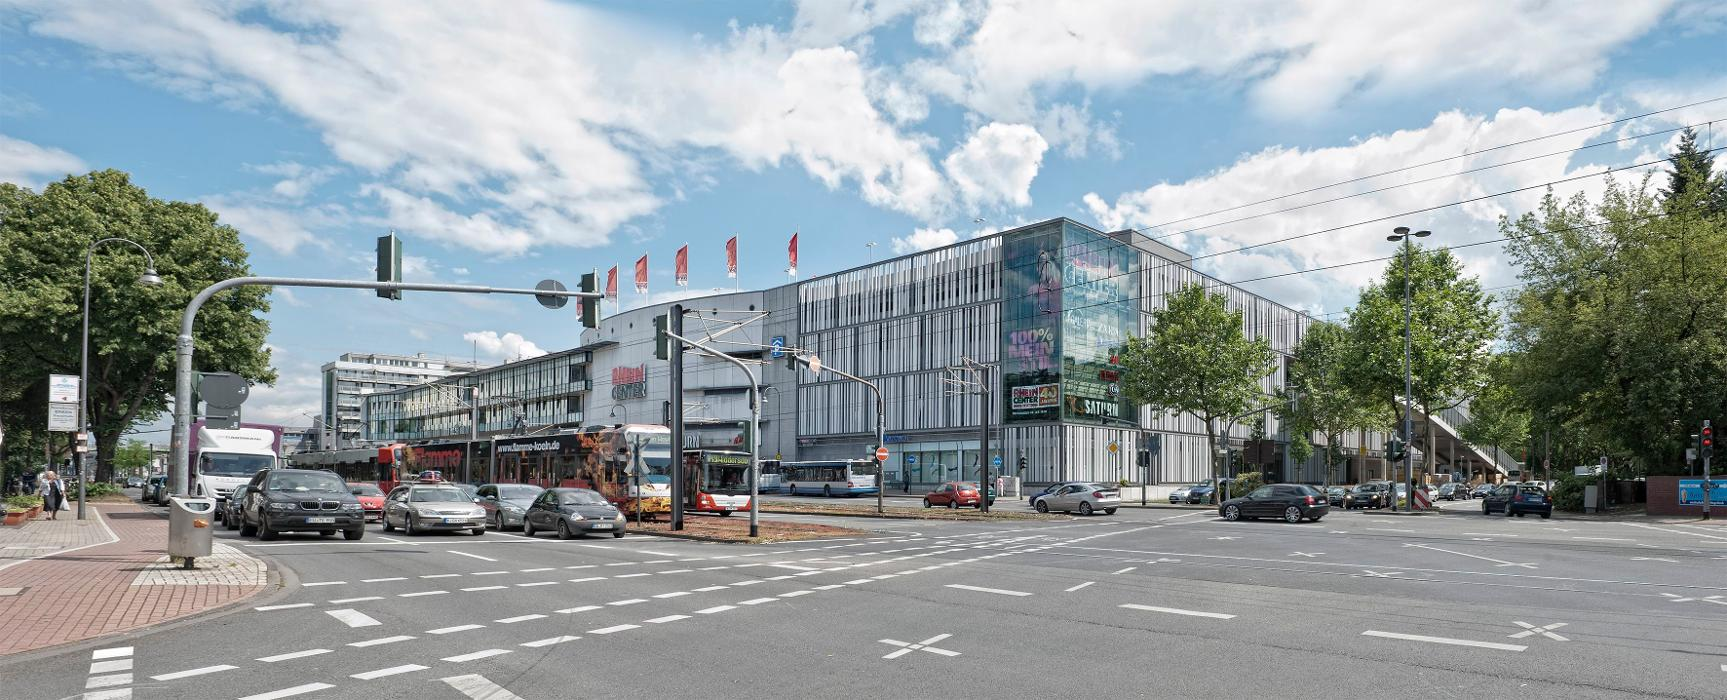 Rhein-Center Köln, Aachener Straße in Köln